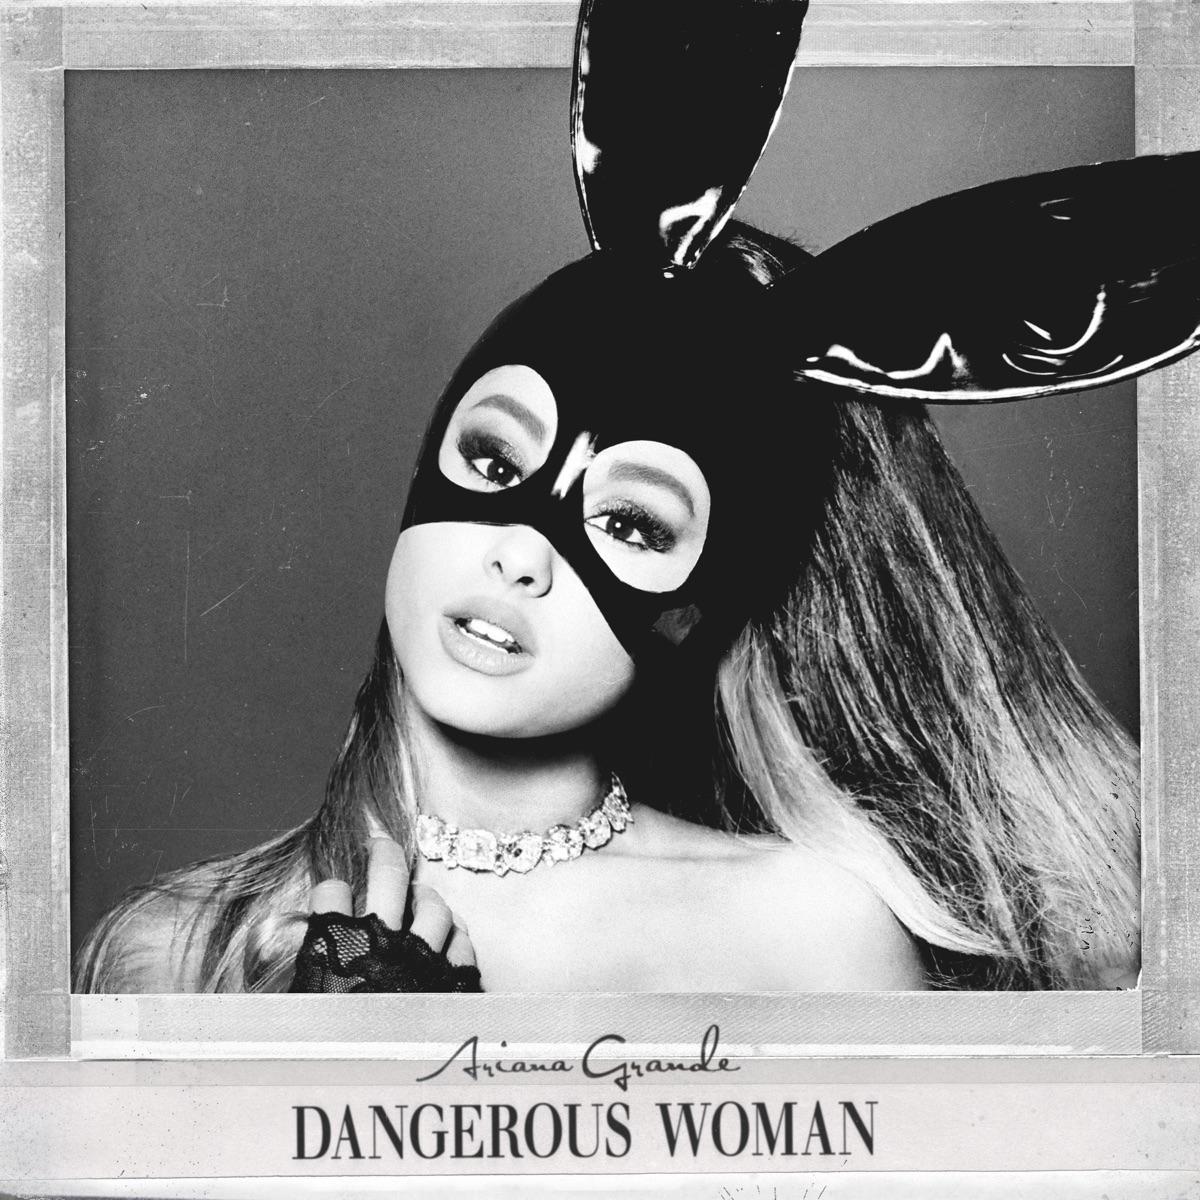 Dangerous Woman Ariana Grande CD cover